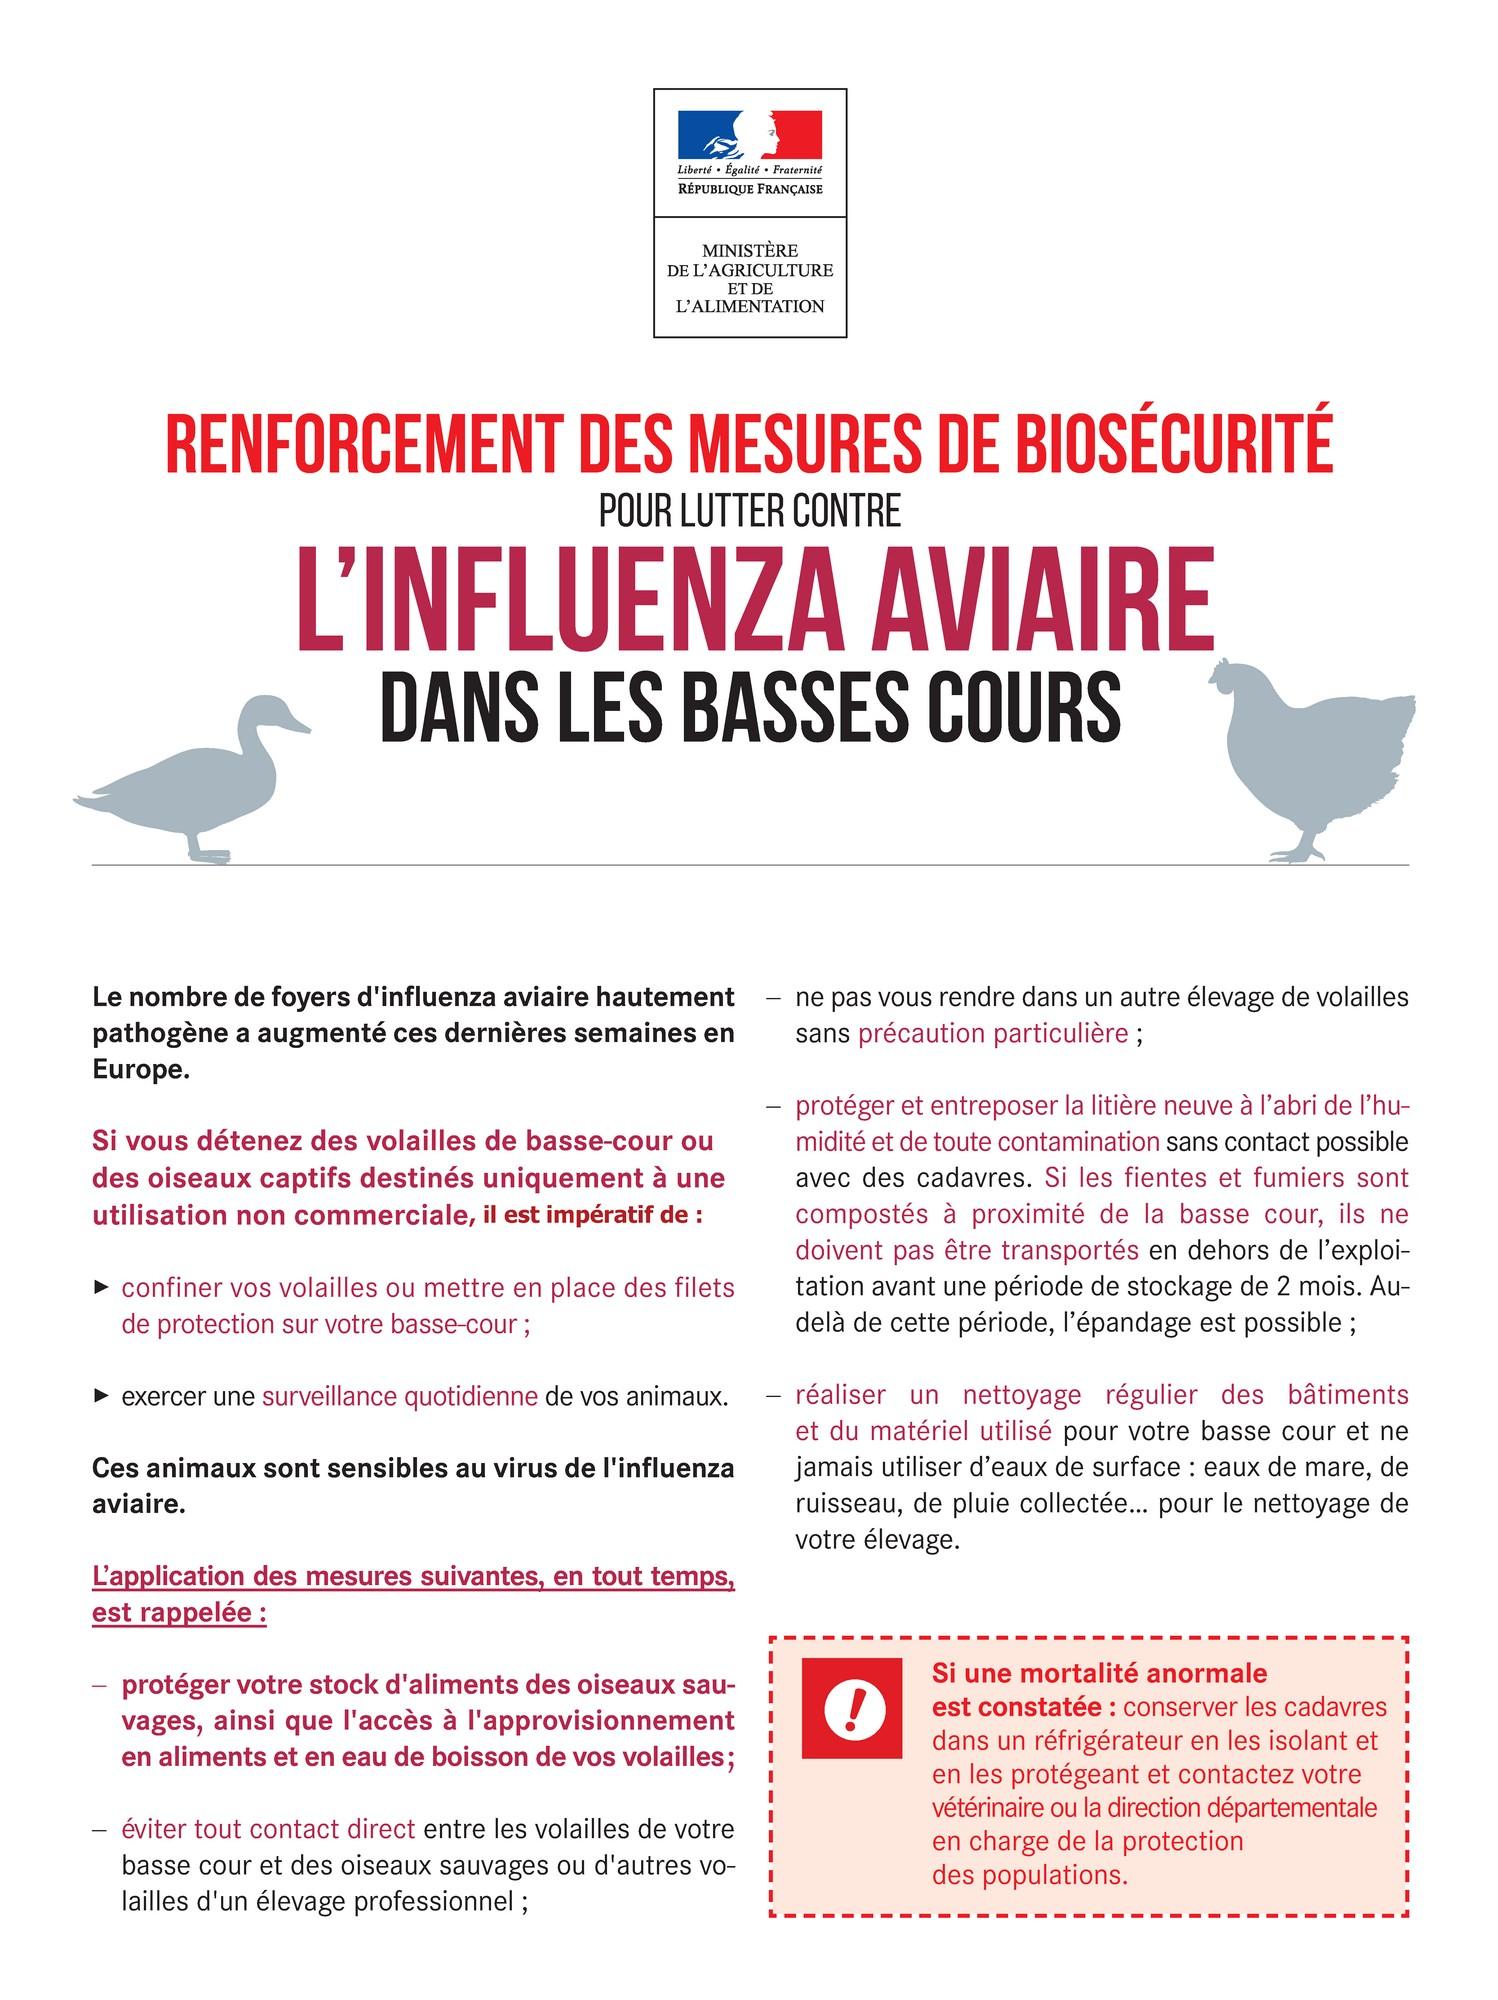 Influenza Aviaire - Renforcement de la biosécurité dans les basses cours 2.jpg